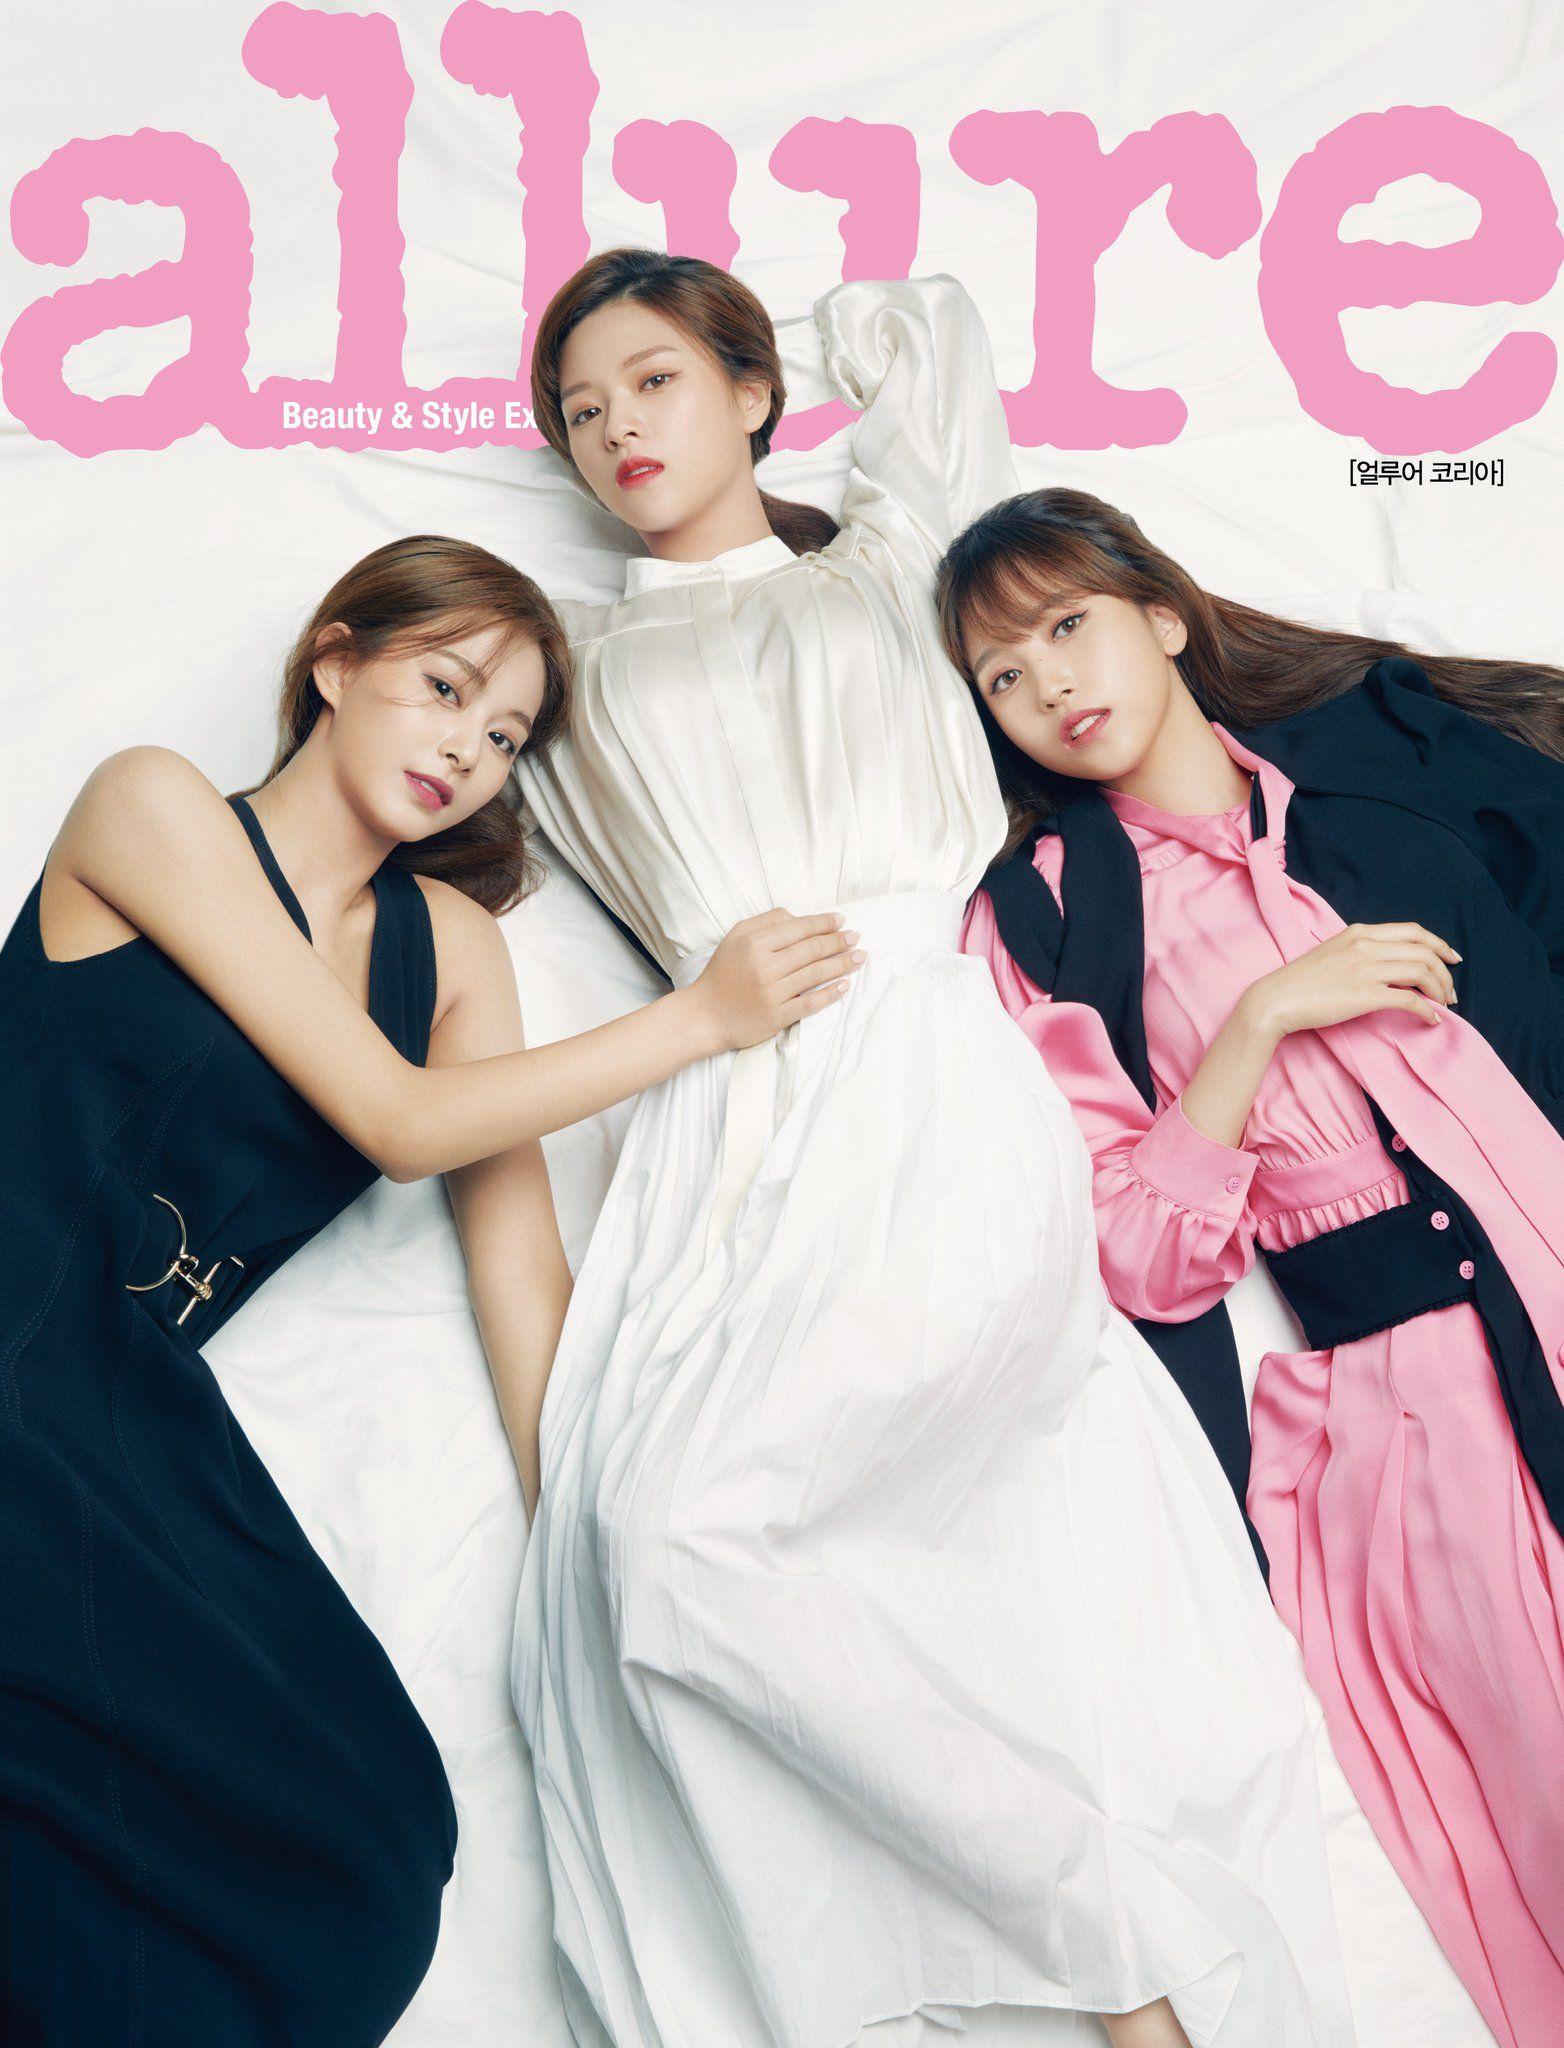 Twice On Twitter Kpop Girls Model Korean Girl Groups